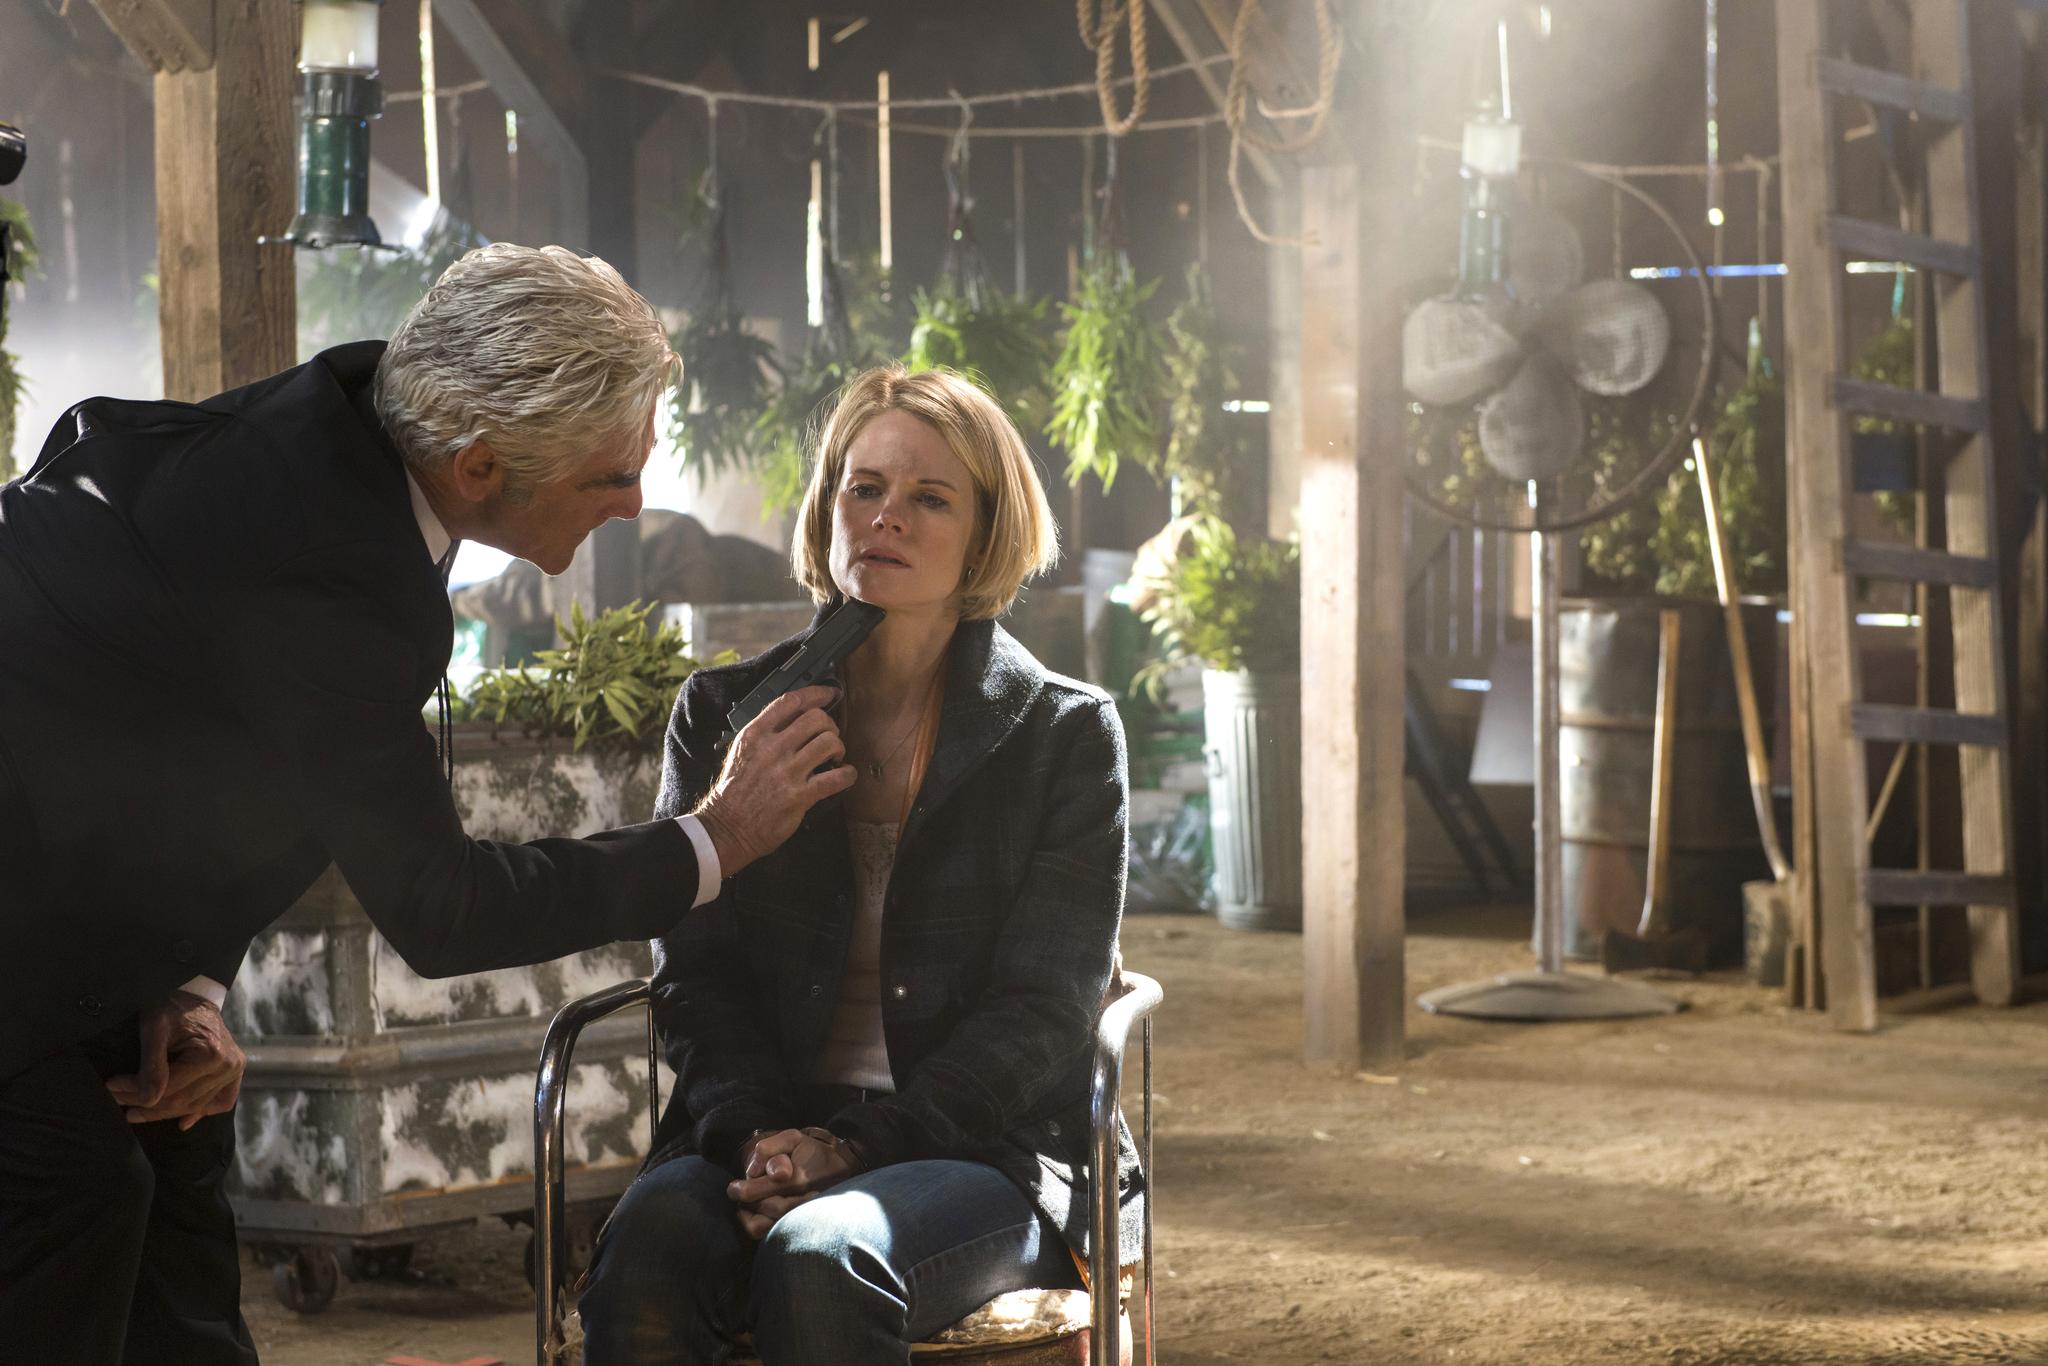 Still of Sam Elliott and Joelle Carter in Justified (2010)